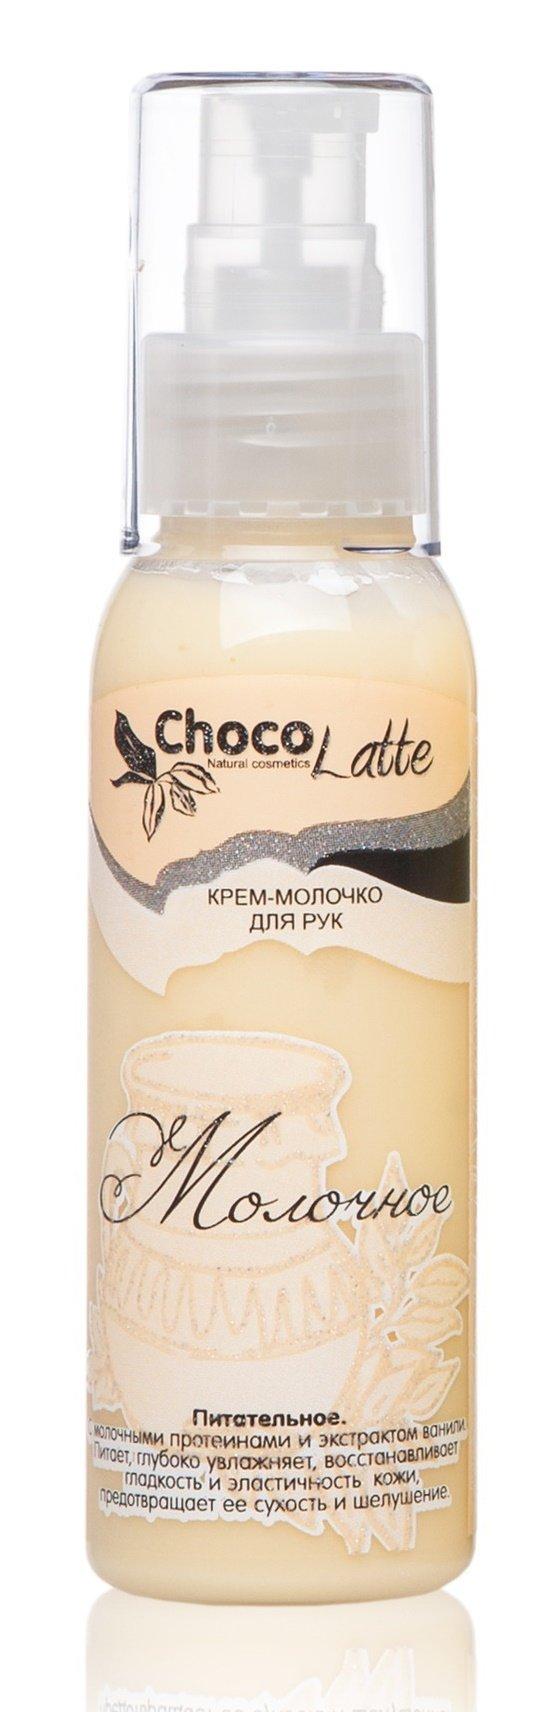 Молочное питательное для сухой кожи ChocoLatteChocoLatte<br>Производство: Россия Для сухой кожи рук, против трещин, смягчает и питает кожу, укрепляет и восстанавливает ногтевую пластину. Натуральная эмульсия, стабилизированная  воском, с натуральным медом, прополисом, маточным молочком и жемчужным порошком, обогащенная СО2 экстрактами, эфирными маслами, натуральными компонентами, обладающими антисептическими,  защитными, регенерирующими, питательными и увлажняющими свойствами.<br>        <br>Линия молочная.Для сухой кожи рук, против трещин, смягчает и питает кожу, укрепляет и восстанавливает ногтевую пластину.<br>Натуральная эмульсия, стабилизированная&amp;nbsp; воском, с натуральным медом, прополисом, маточным молочком и жемчужным порошком, обогащенная СО2 экстрактами, эфирными маслами, натуральными компонентами, обладающими антисептическими,&amp;nbsp; защитными, регенерирующими, питательными и увлажняющими свойствами.<br>Три шага для ваших нежных ручек!&amp;nbsp;Именно комплексный подход позволит достичь ощутимых результатов!<br><br>Шаг 1.&amp;nbsp;Растительно-минеральные смеси для ручных ванн &amp;laquo;КОКТЕЙЛИ&amp;raquo;.<br>Шаг 2.&amp;nbsp;Гель-скраб для рук &amp;laquo;СМУЗИ&amp;raquo;.<br>Шаг 3.&amp;nbsp;Крем-МОЛОЧКО для рук.<br><br>Ингредиенты:<br><br>Минеральный комплекс морской соли эффективно смягчает сухую кожу рук и кутикулы, эффективно укрепляет ногтевую пластину, предотвращает появление микротрещин.<br>Молочная сыворотка богата белками и незаменимыми аминокислотами, способствует регенерации дермальных клеток.<br>Крахмал и молотый овес смягчают сухую и потрескавшуюся кожу рук, снимают зуд и покраснение.<br>Натуральное мыло способствует очищению и размягчению кожи рук.<br>Глицерин растительный, лецитин яичный, пектин и воски являются натуральными геле- и кремообразующими компонентами, глубоко увлажняют и смягчают кожу, способствуют образованию защитной пленки на коже.<br>Гиалуроновая кислота, пентавитин, Д-пантенол, бисаболол натуральный - активные увла